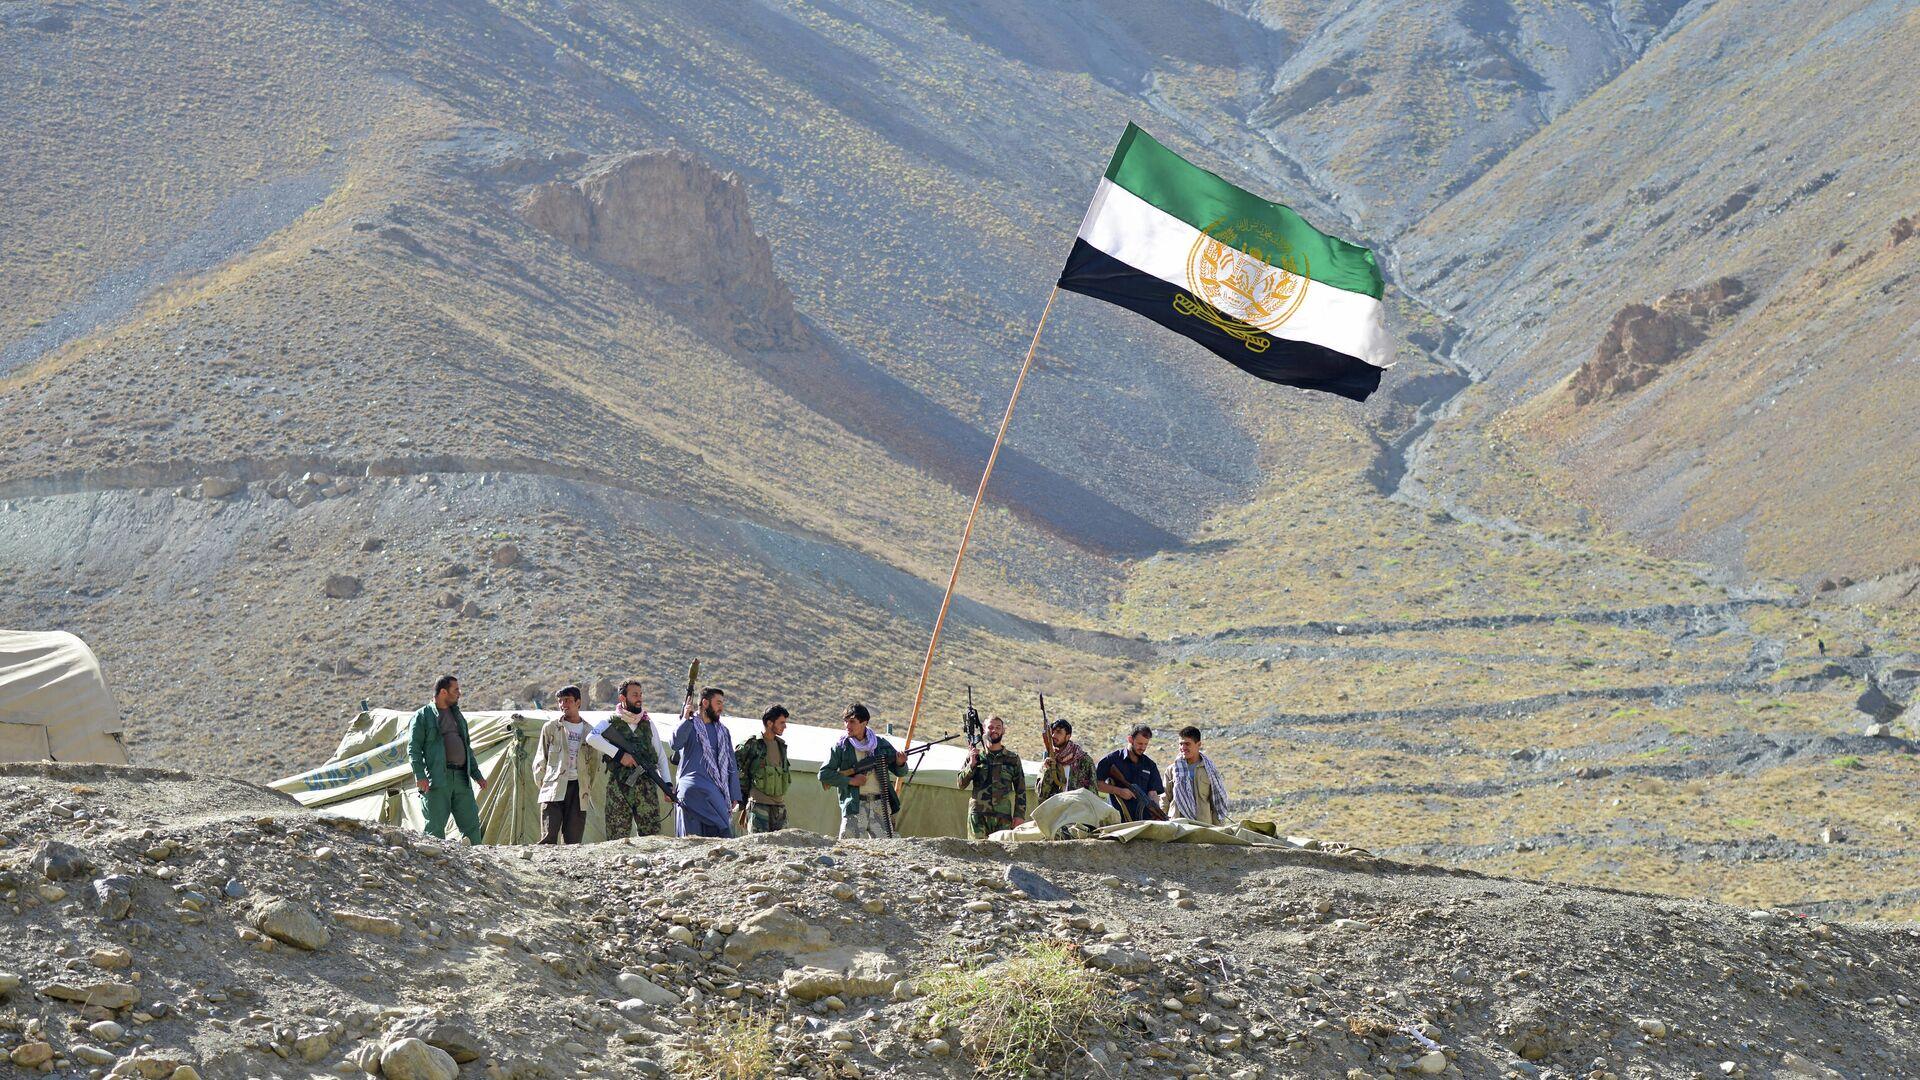 Die afghanische Widerstandsbewegung und Anti-Taliban-Kräfte auf Wache auf einem Hügel  in der Provinz Panjshir,  am 27. August 2021.   - SNA, 1920, 05.09.2021